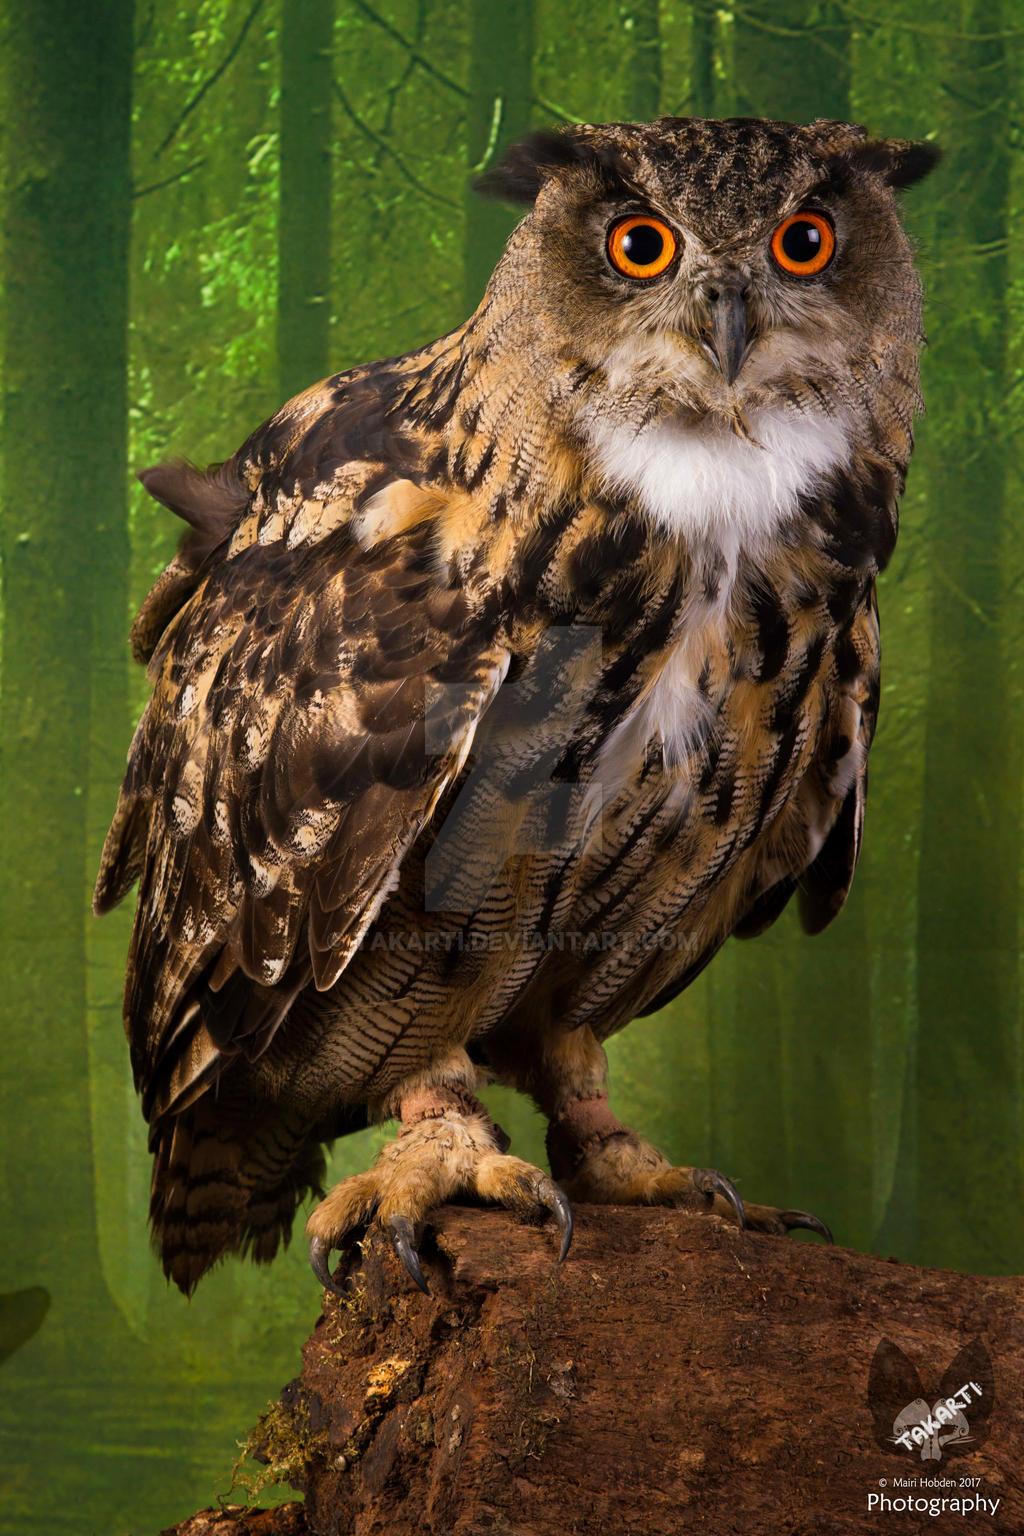 Taz the European Owl by Takarti